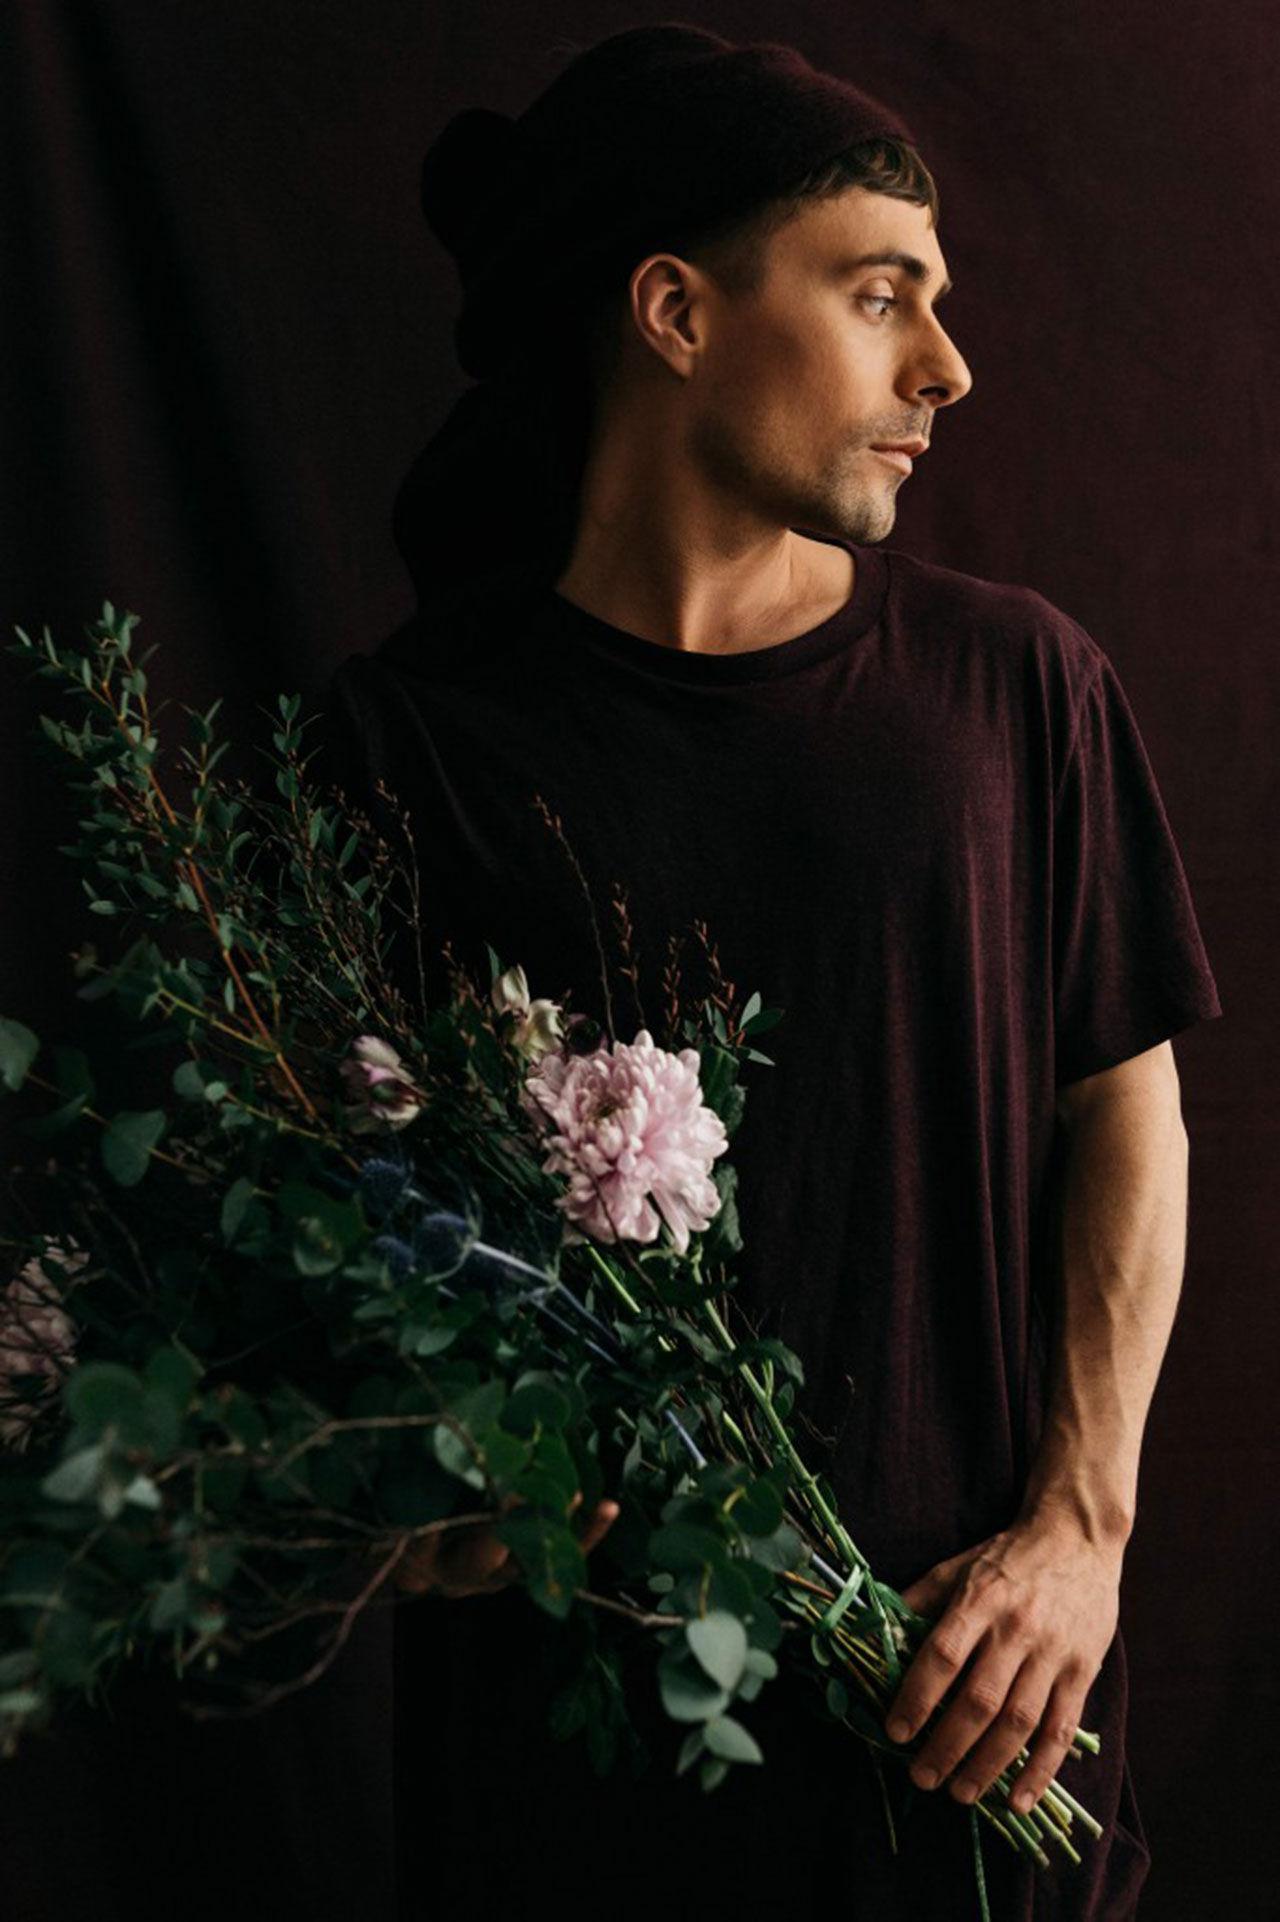 Väntar - ny EP från Oskar Linnros